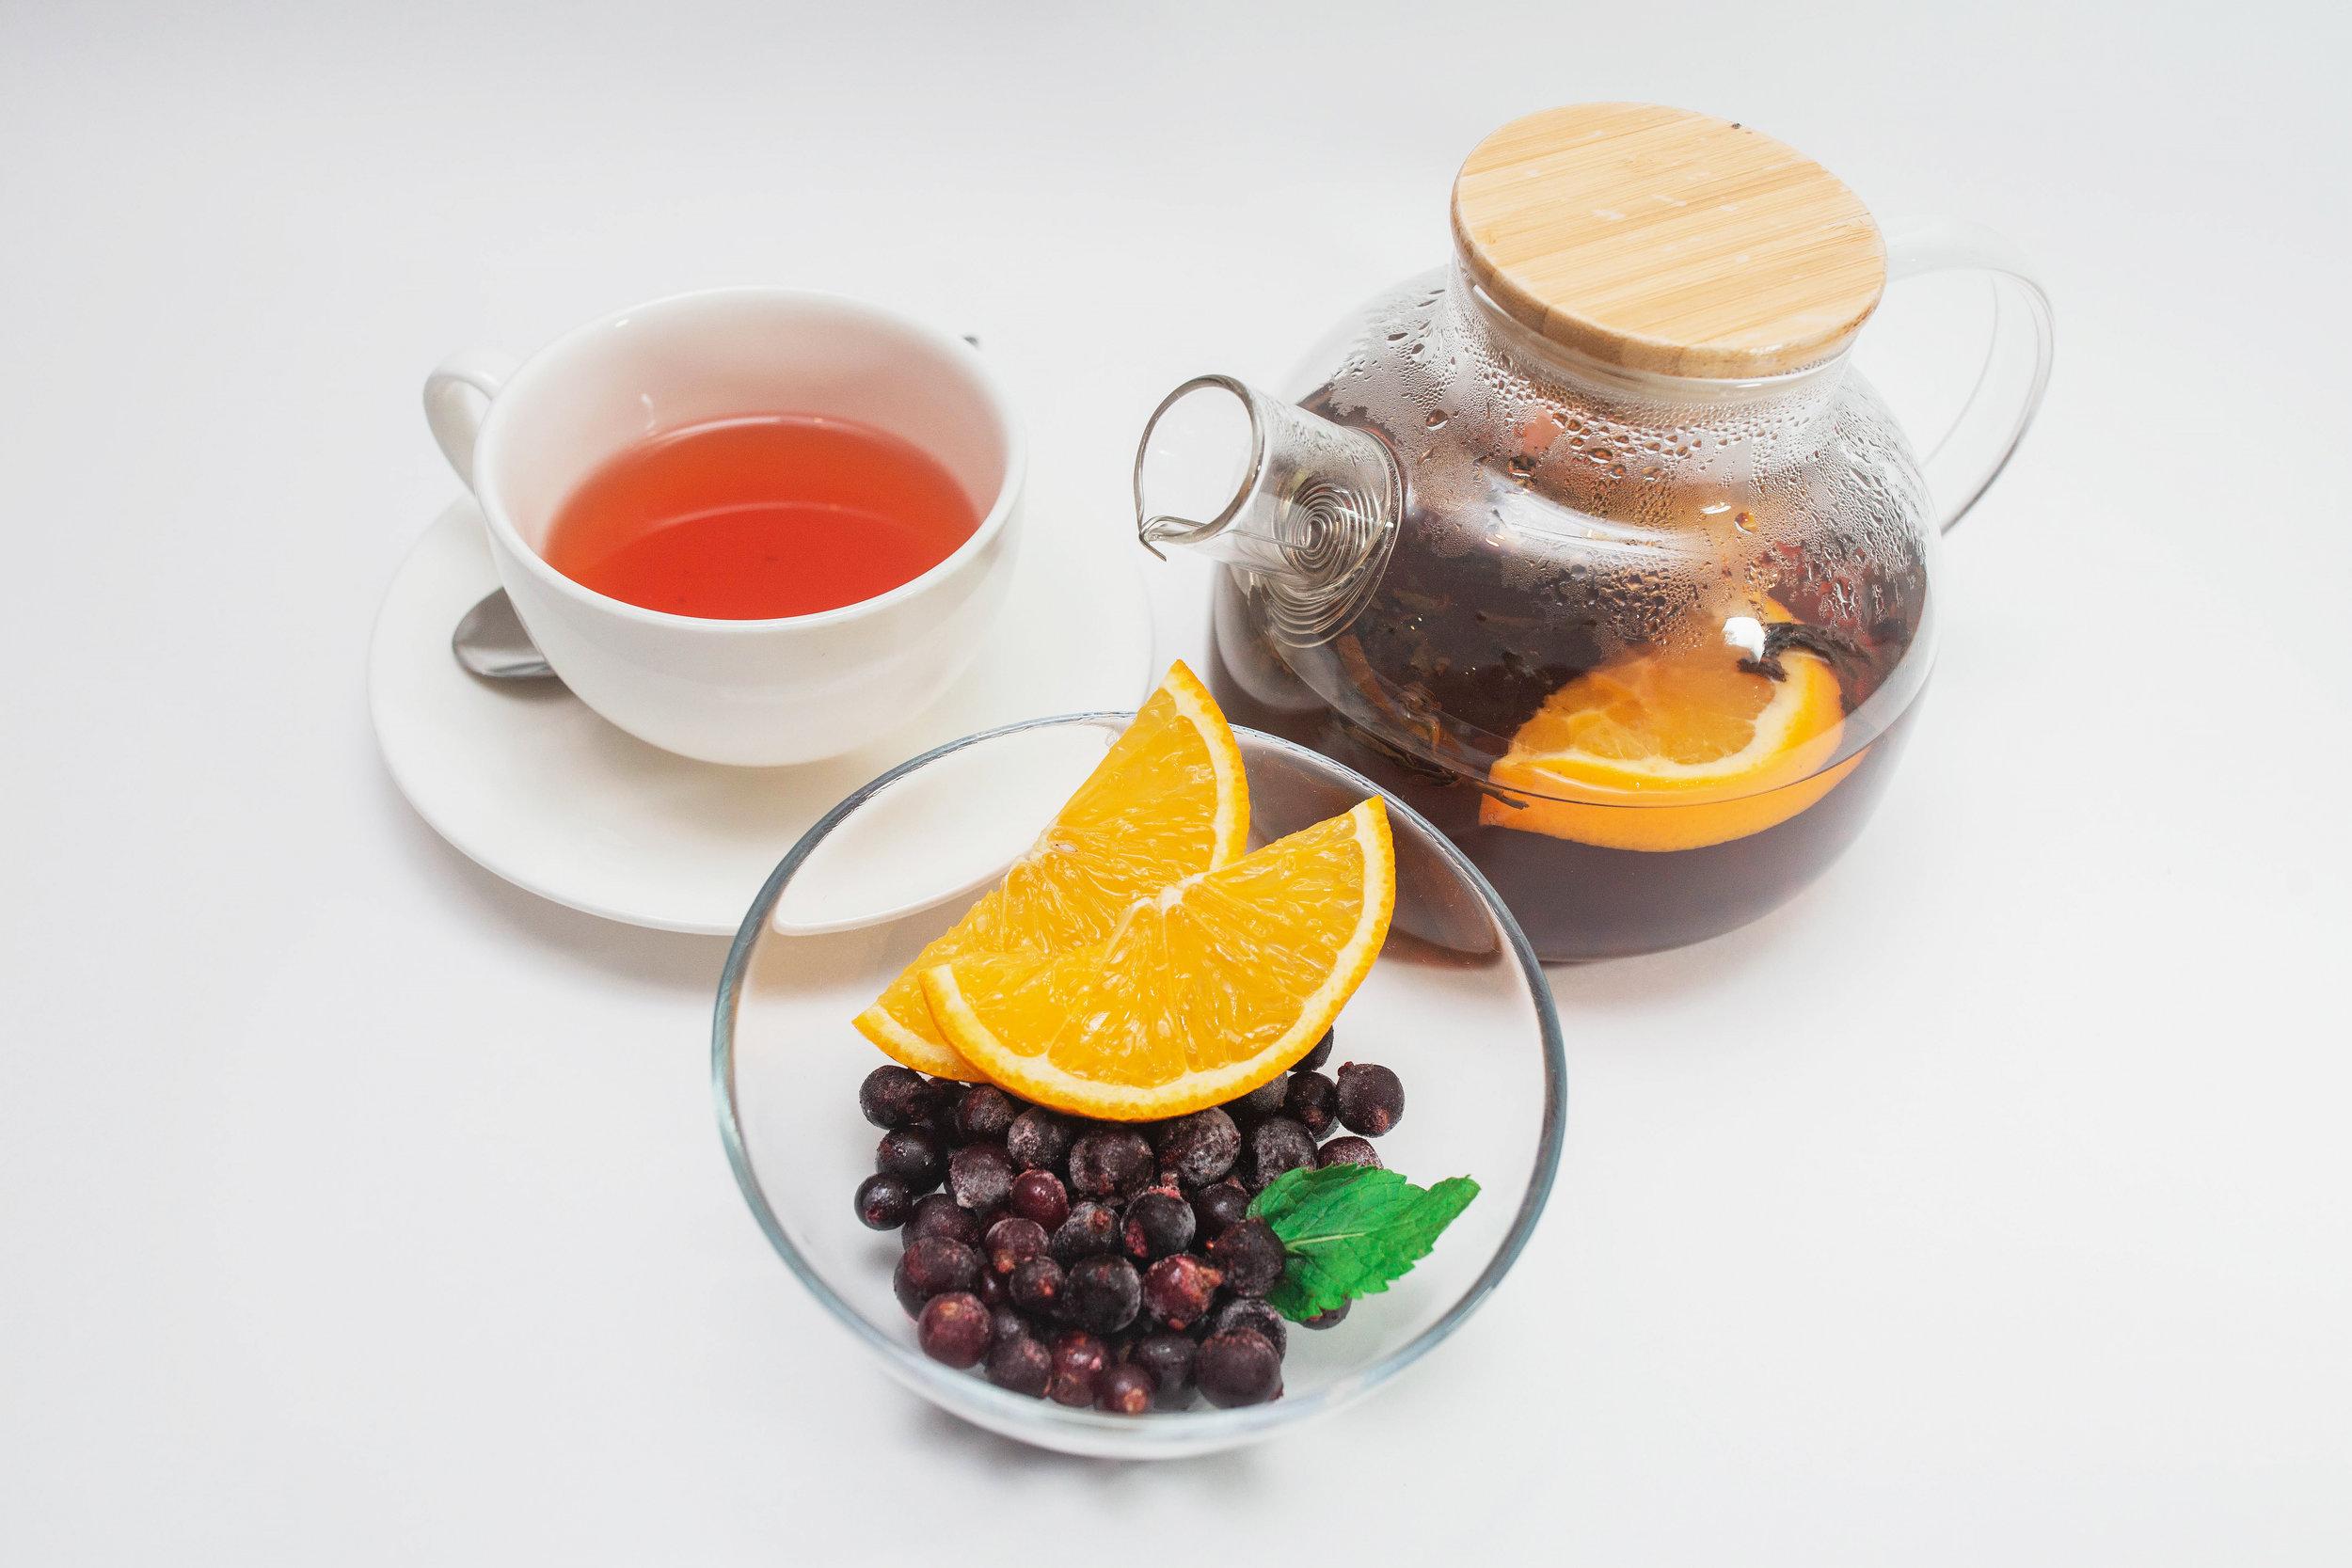 Blackberry Tea - 190 kgs